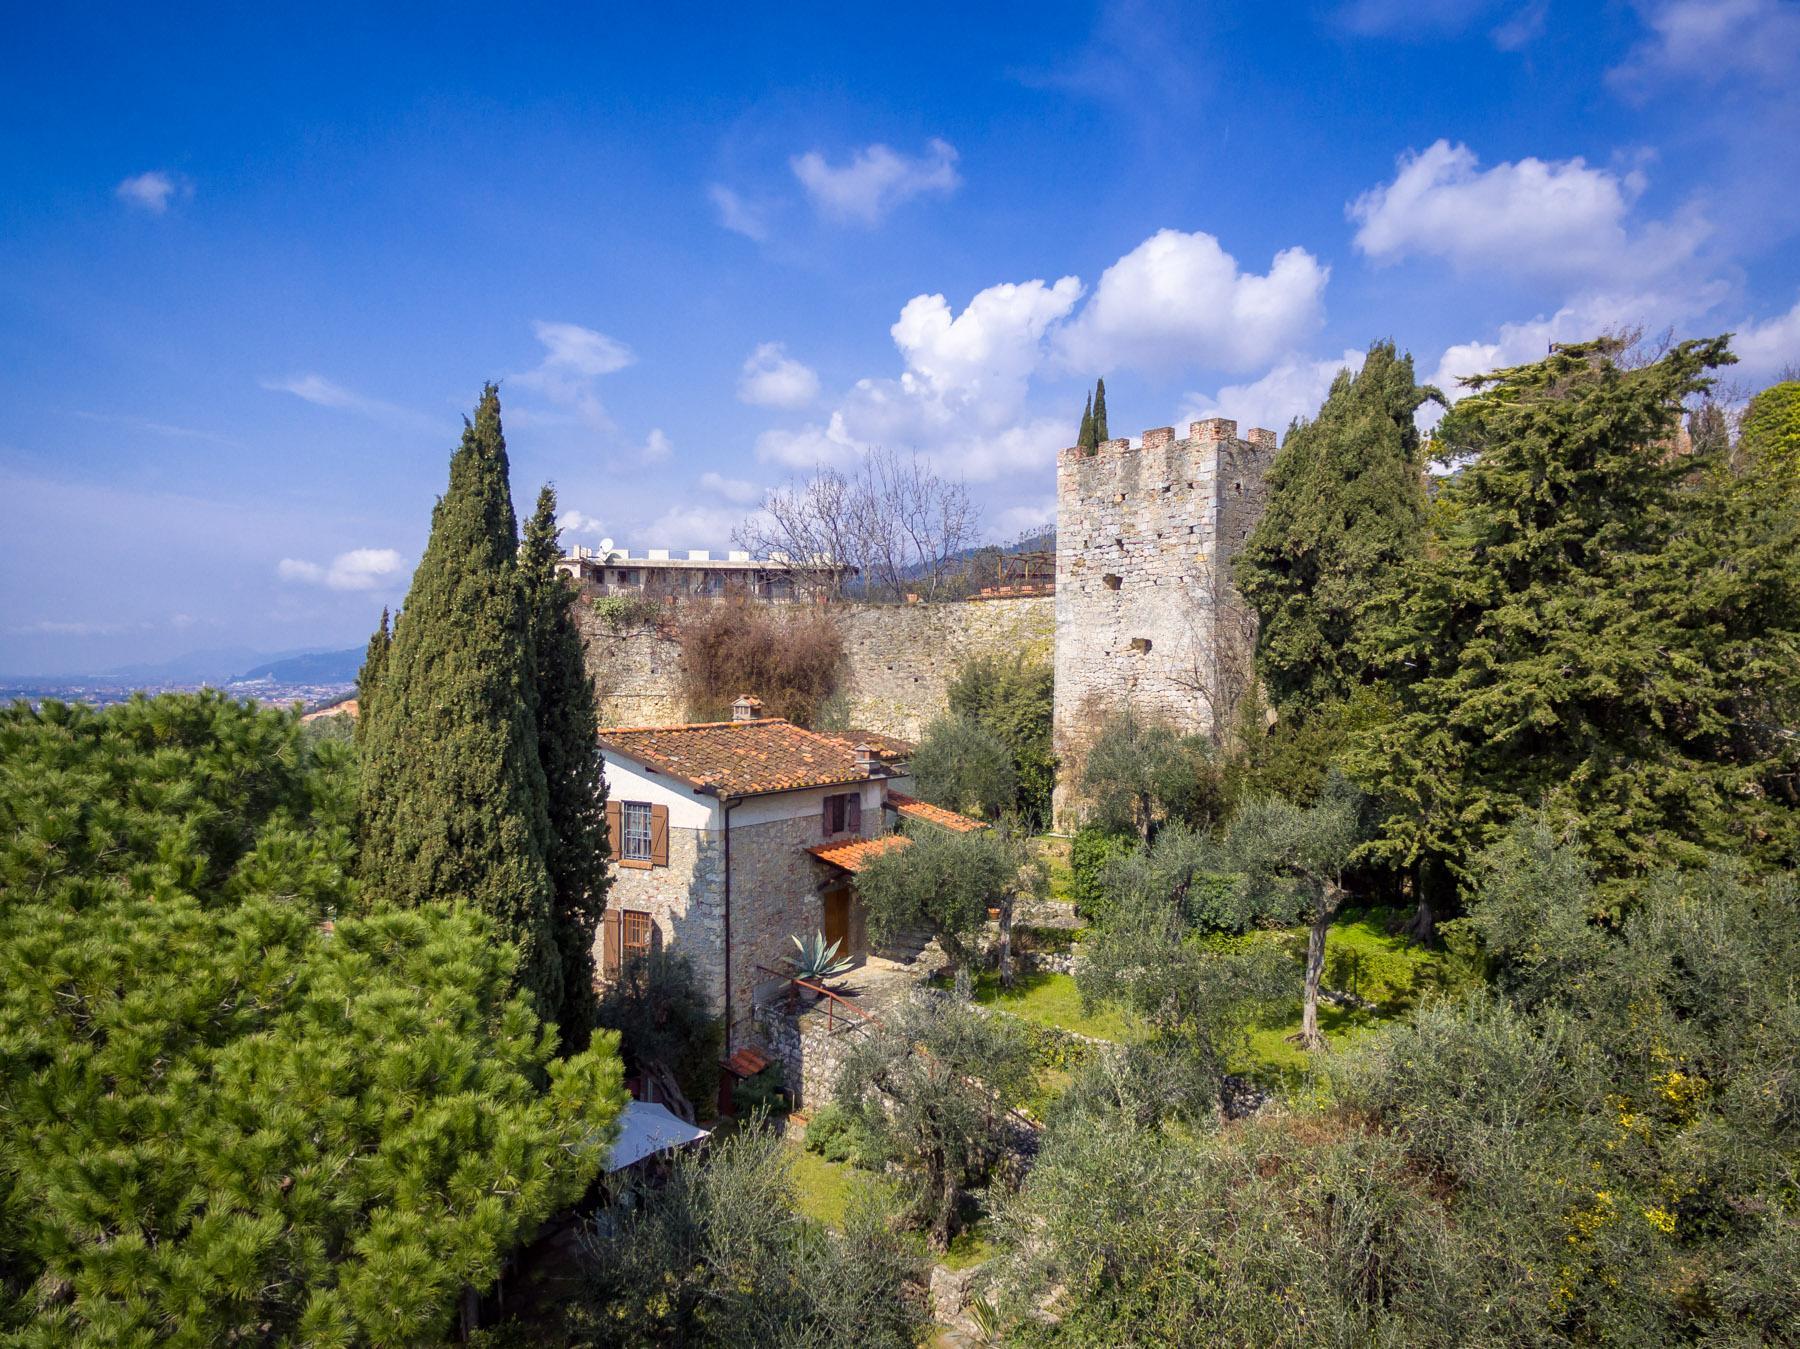 Magnifique château dans les collines de la Versilia - 12